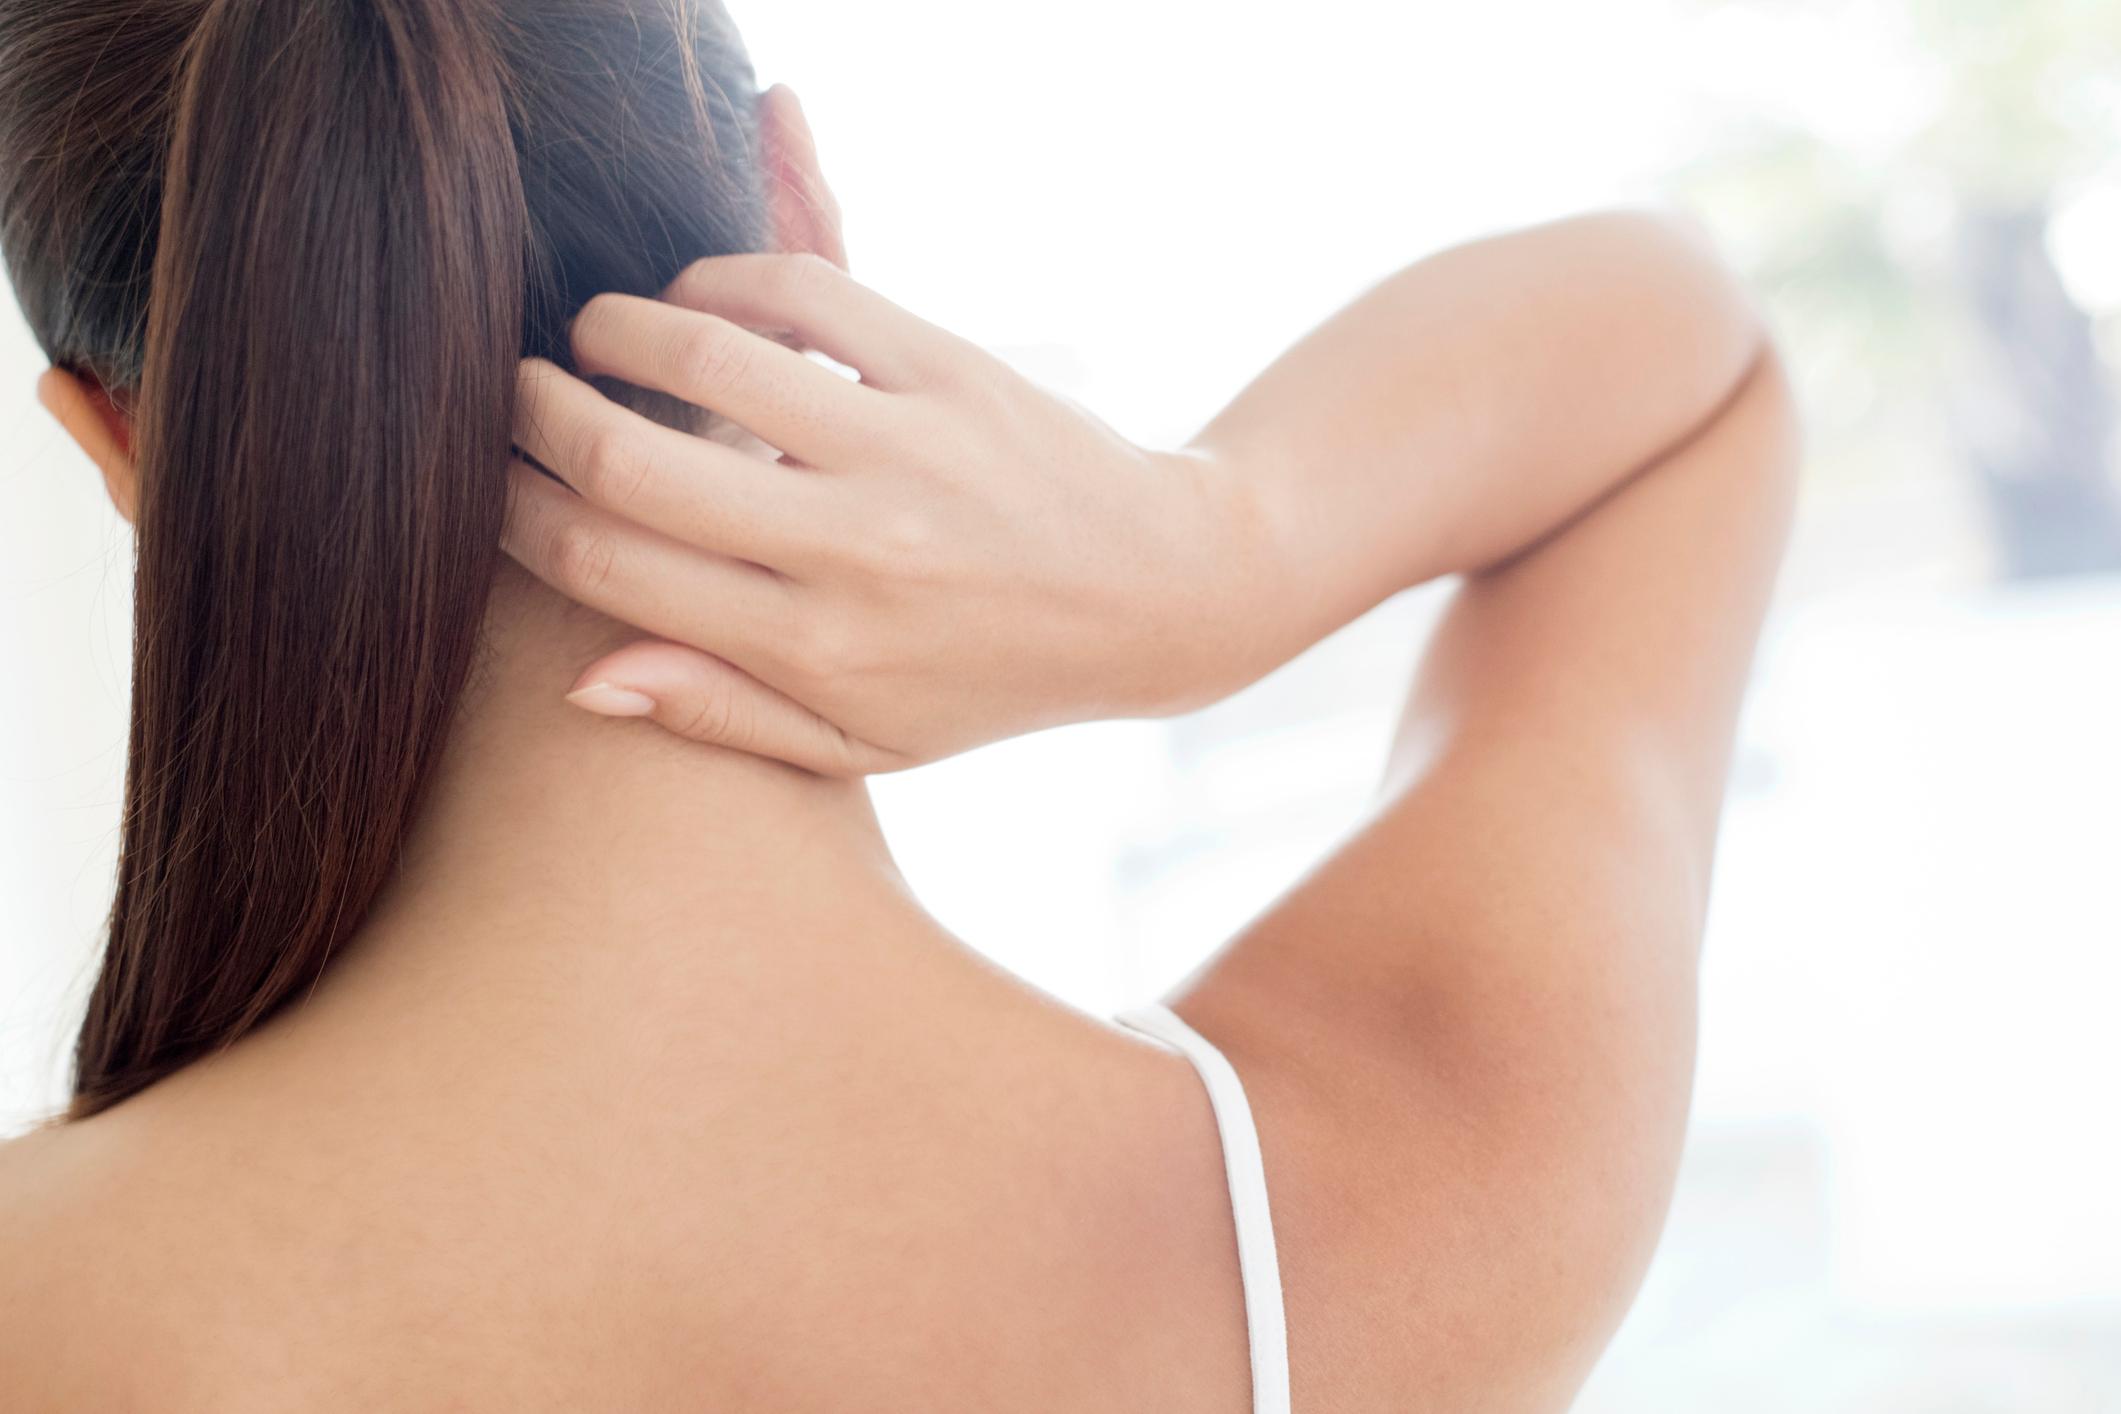 hogyan kell kezelni a pikkelysömör a kezeken felülvizsgálatok milyen kenőcs a pikkelysömör kezelésére az arcon